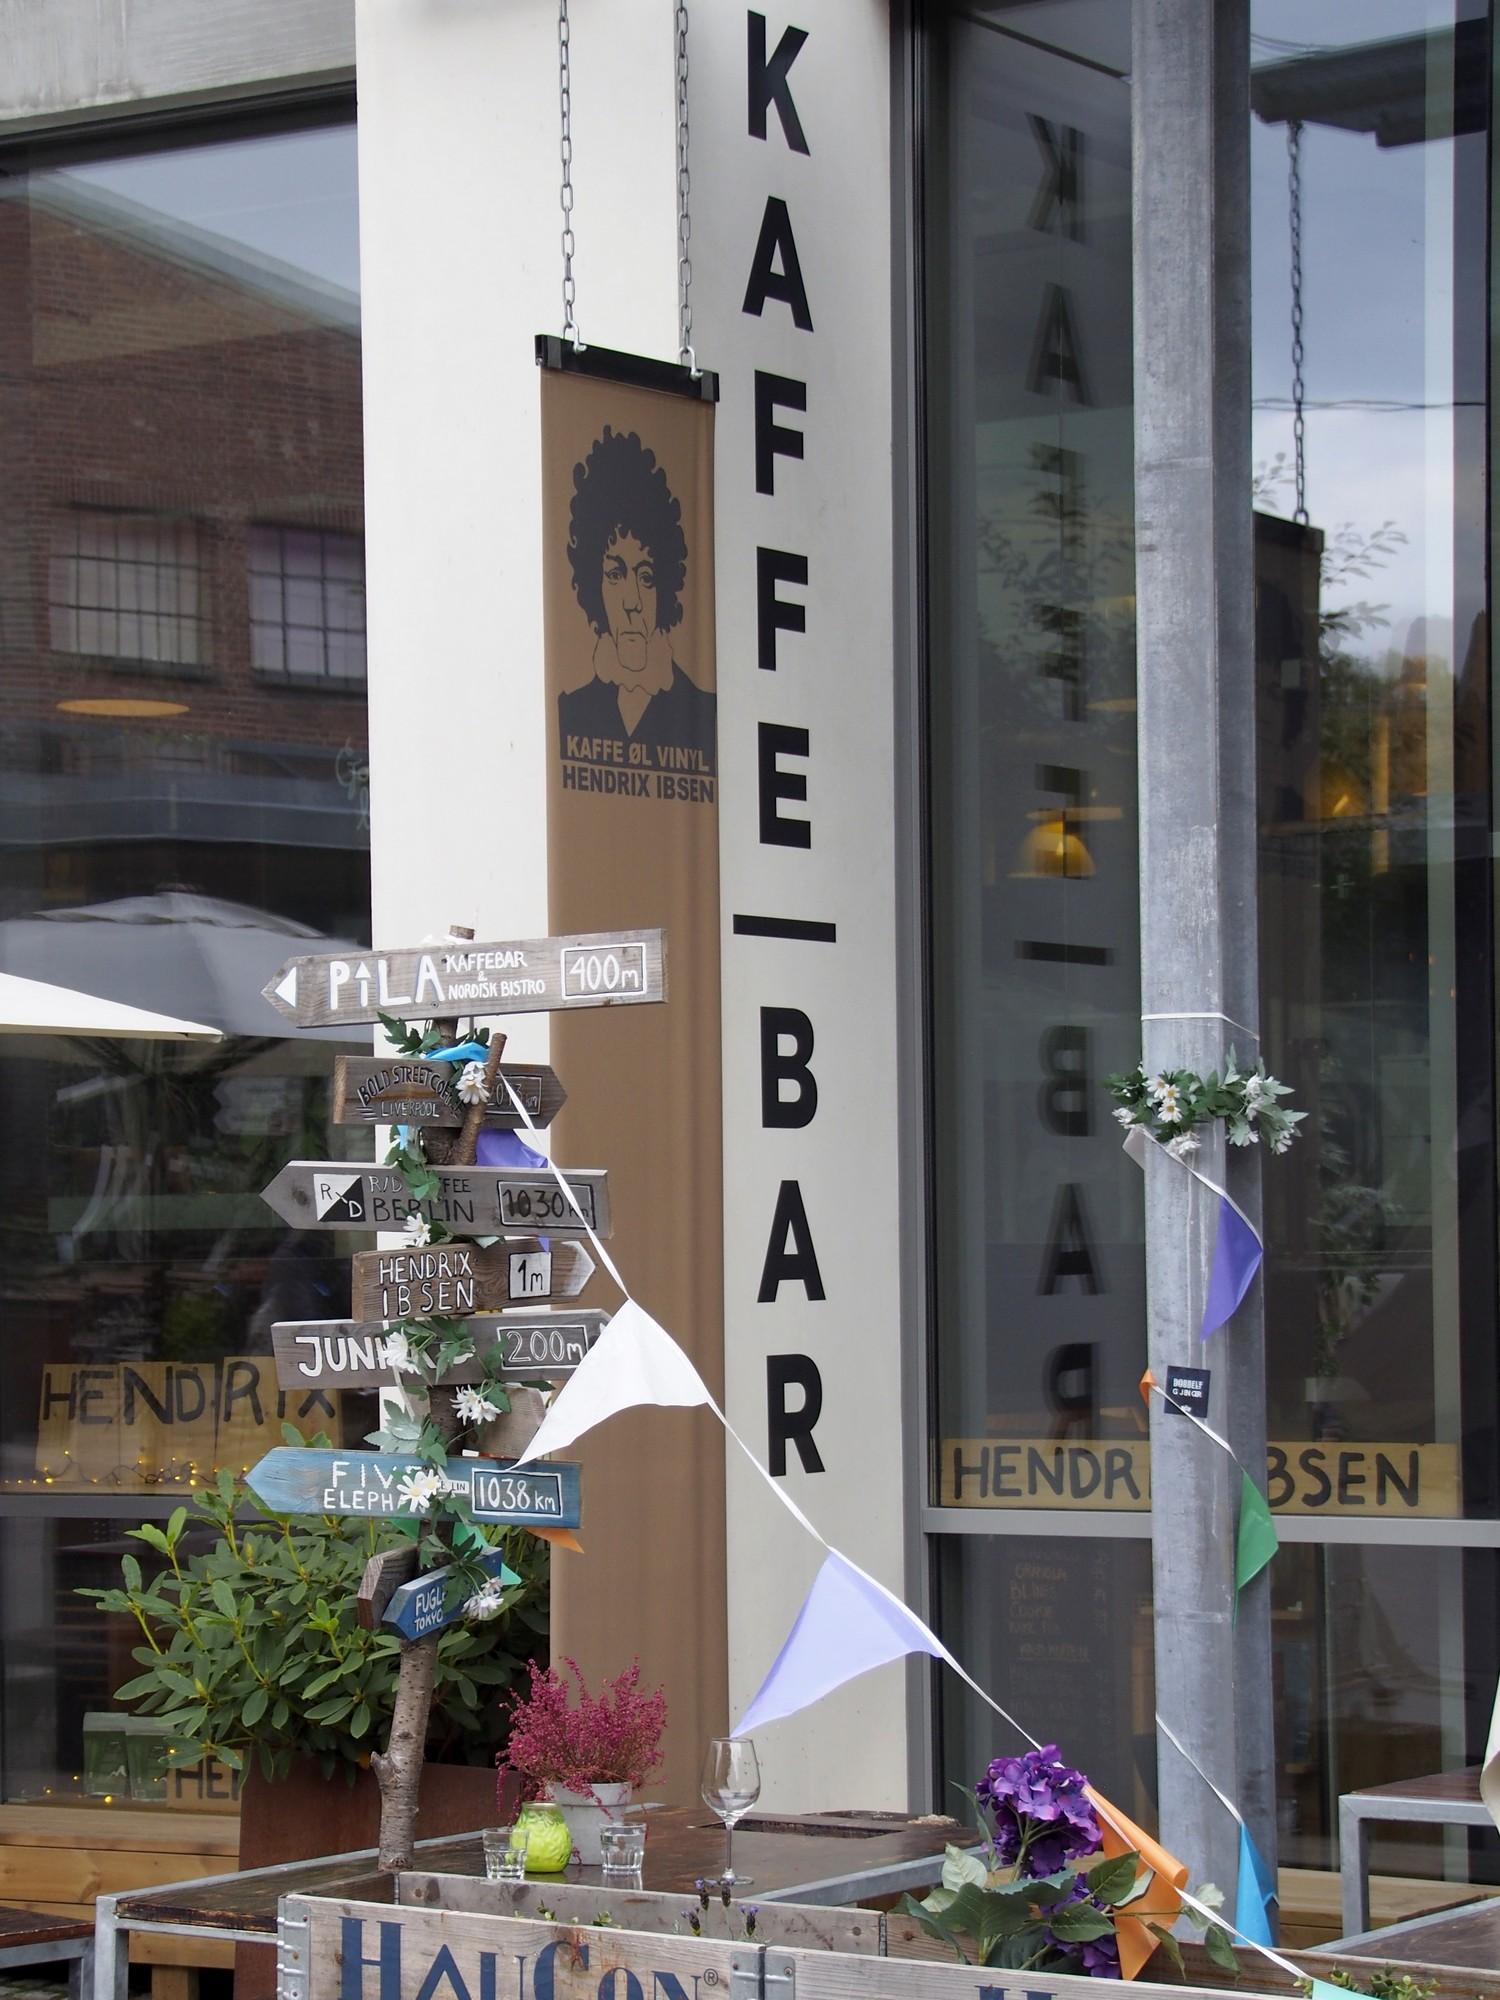 Hendrix Ibsen, Oslo